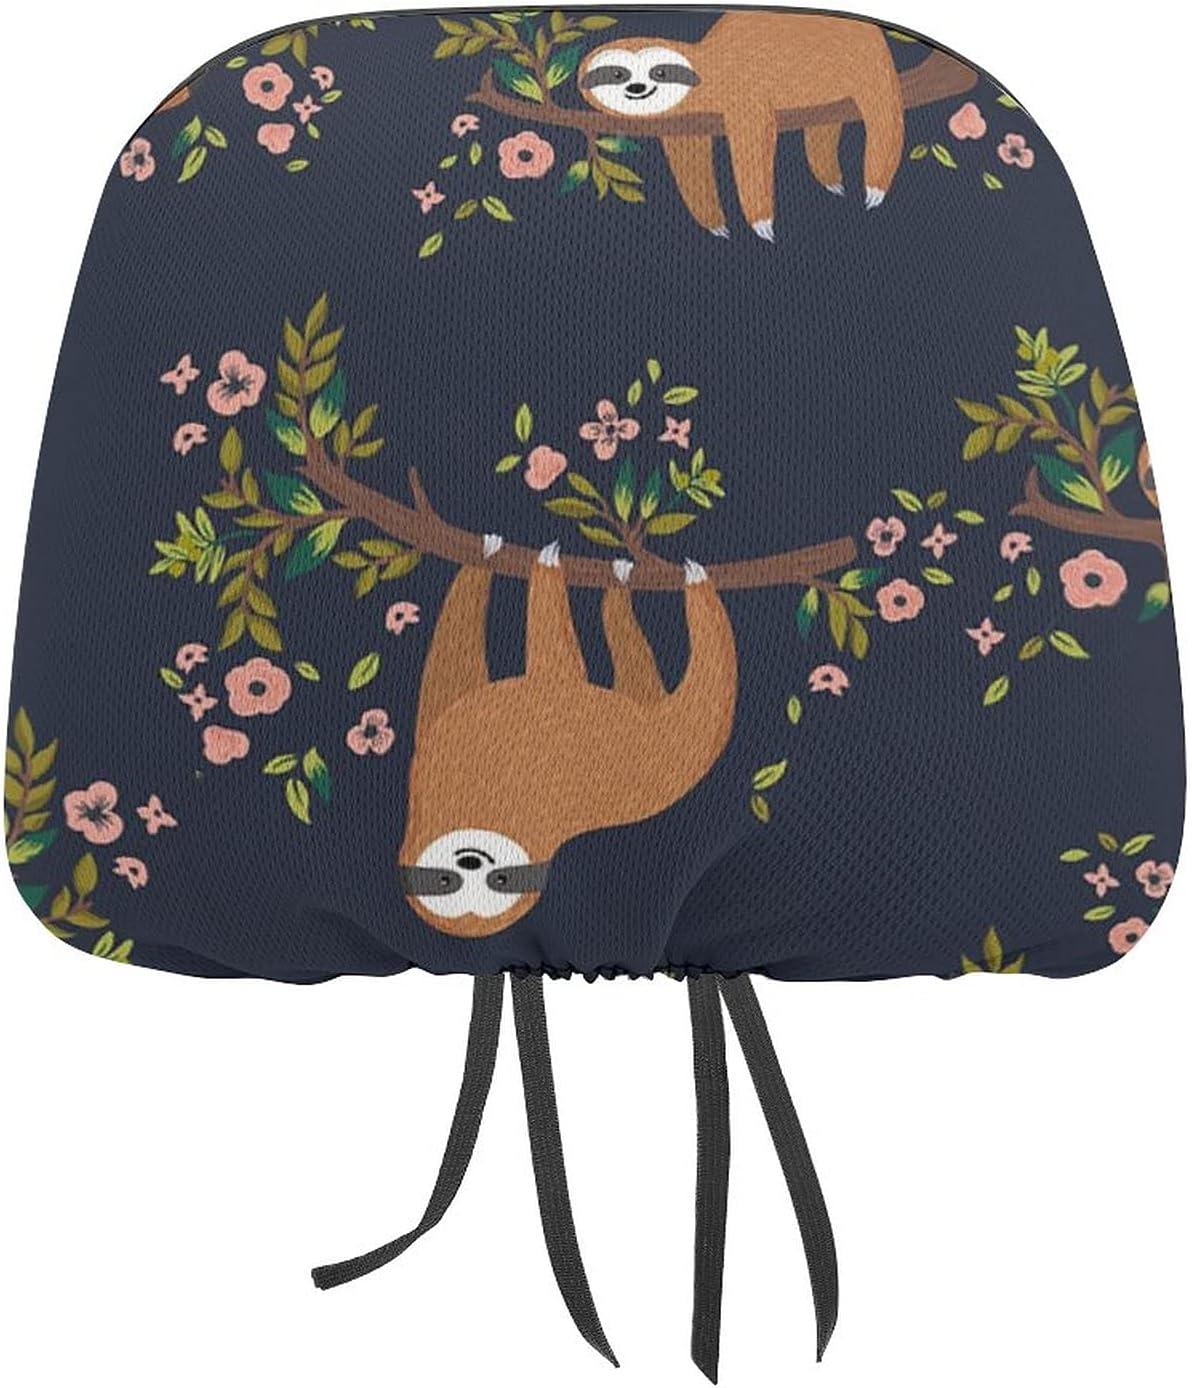 Auto Car Seat Headrest Cover Men Al discount sold out. Cute Rest Women Sloth Head